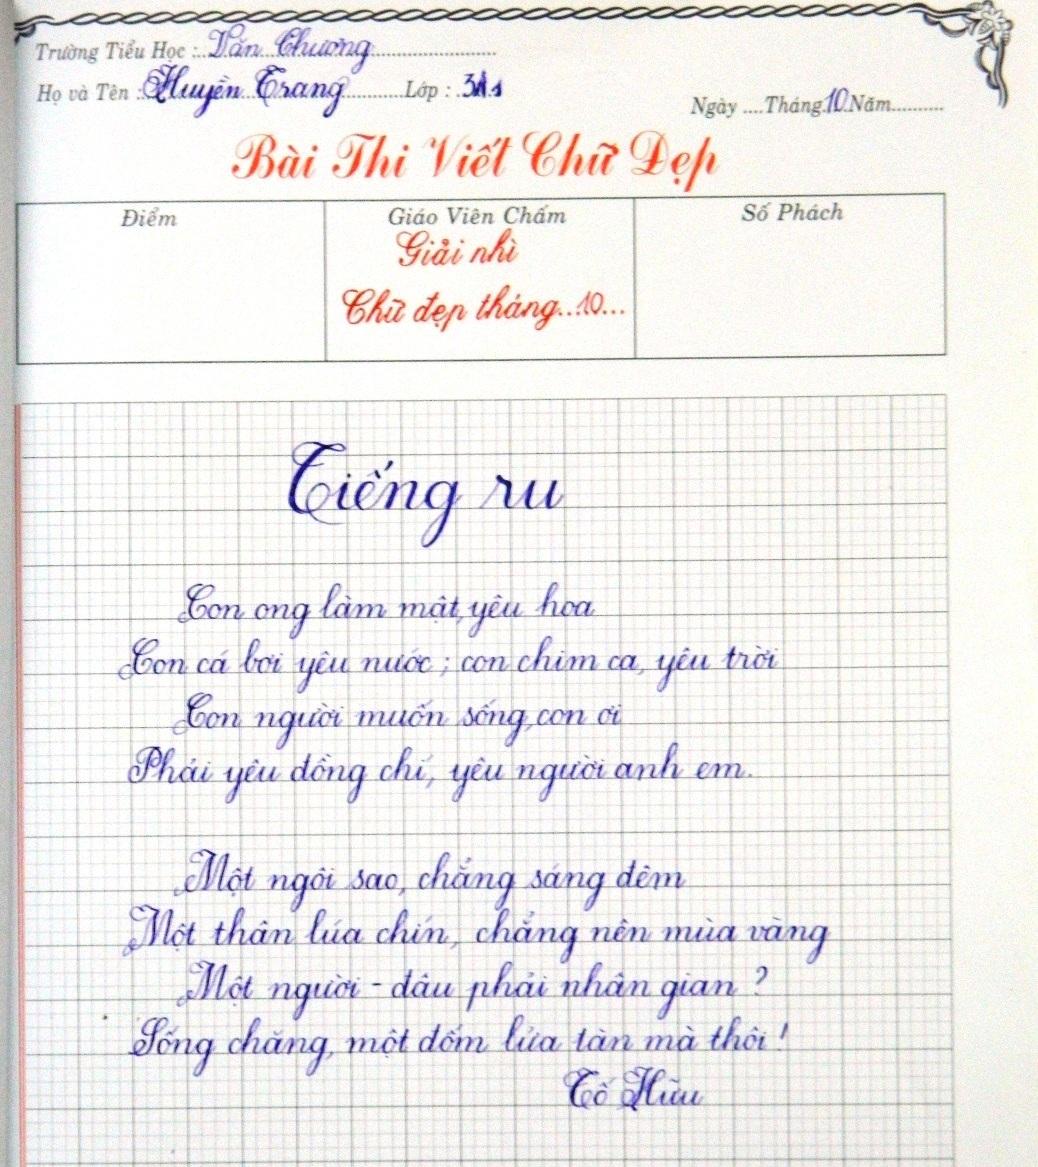 Bài thi viết chữ đẹp tháng 10 của giáo viên trường Tiểu học Văn Chương -  Trường tiểu học Văn Chương